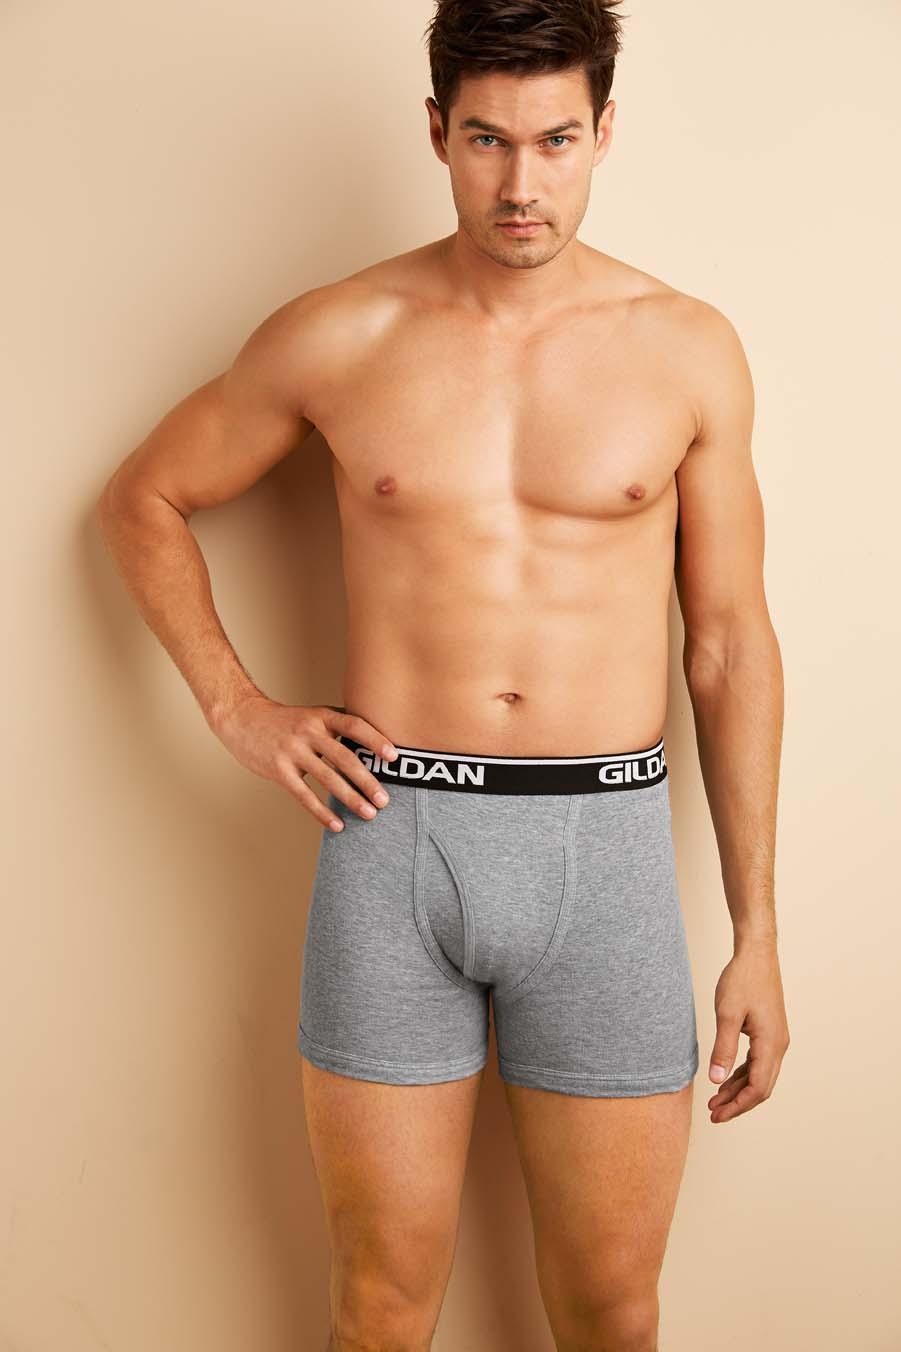 Gildan UW Boxer Brief 3-pack